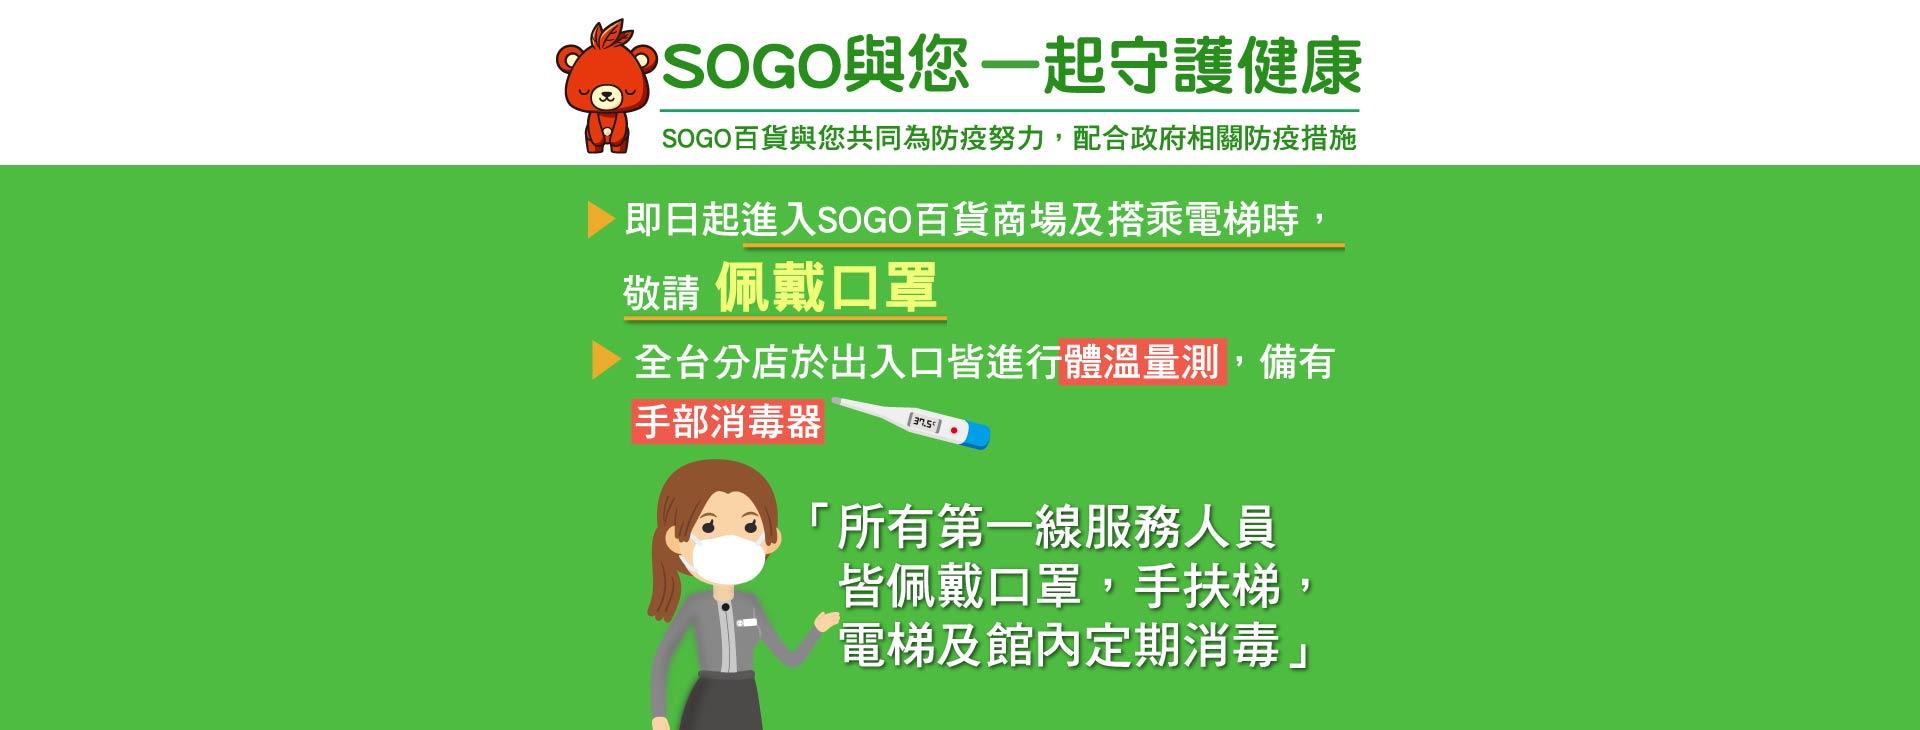 SOGO與您一起守護健康(2020防疫)